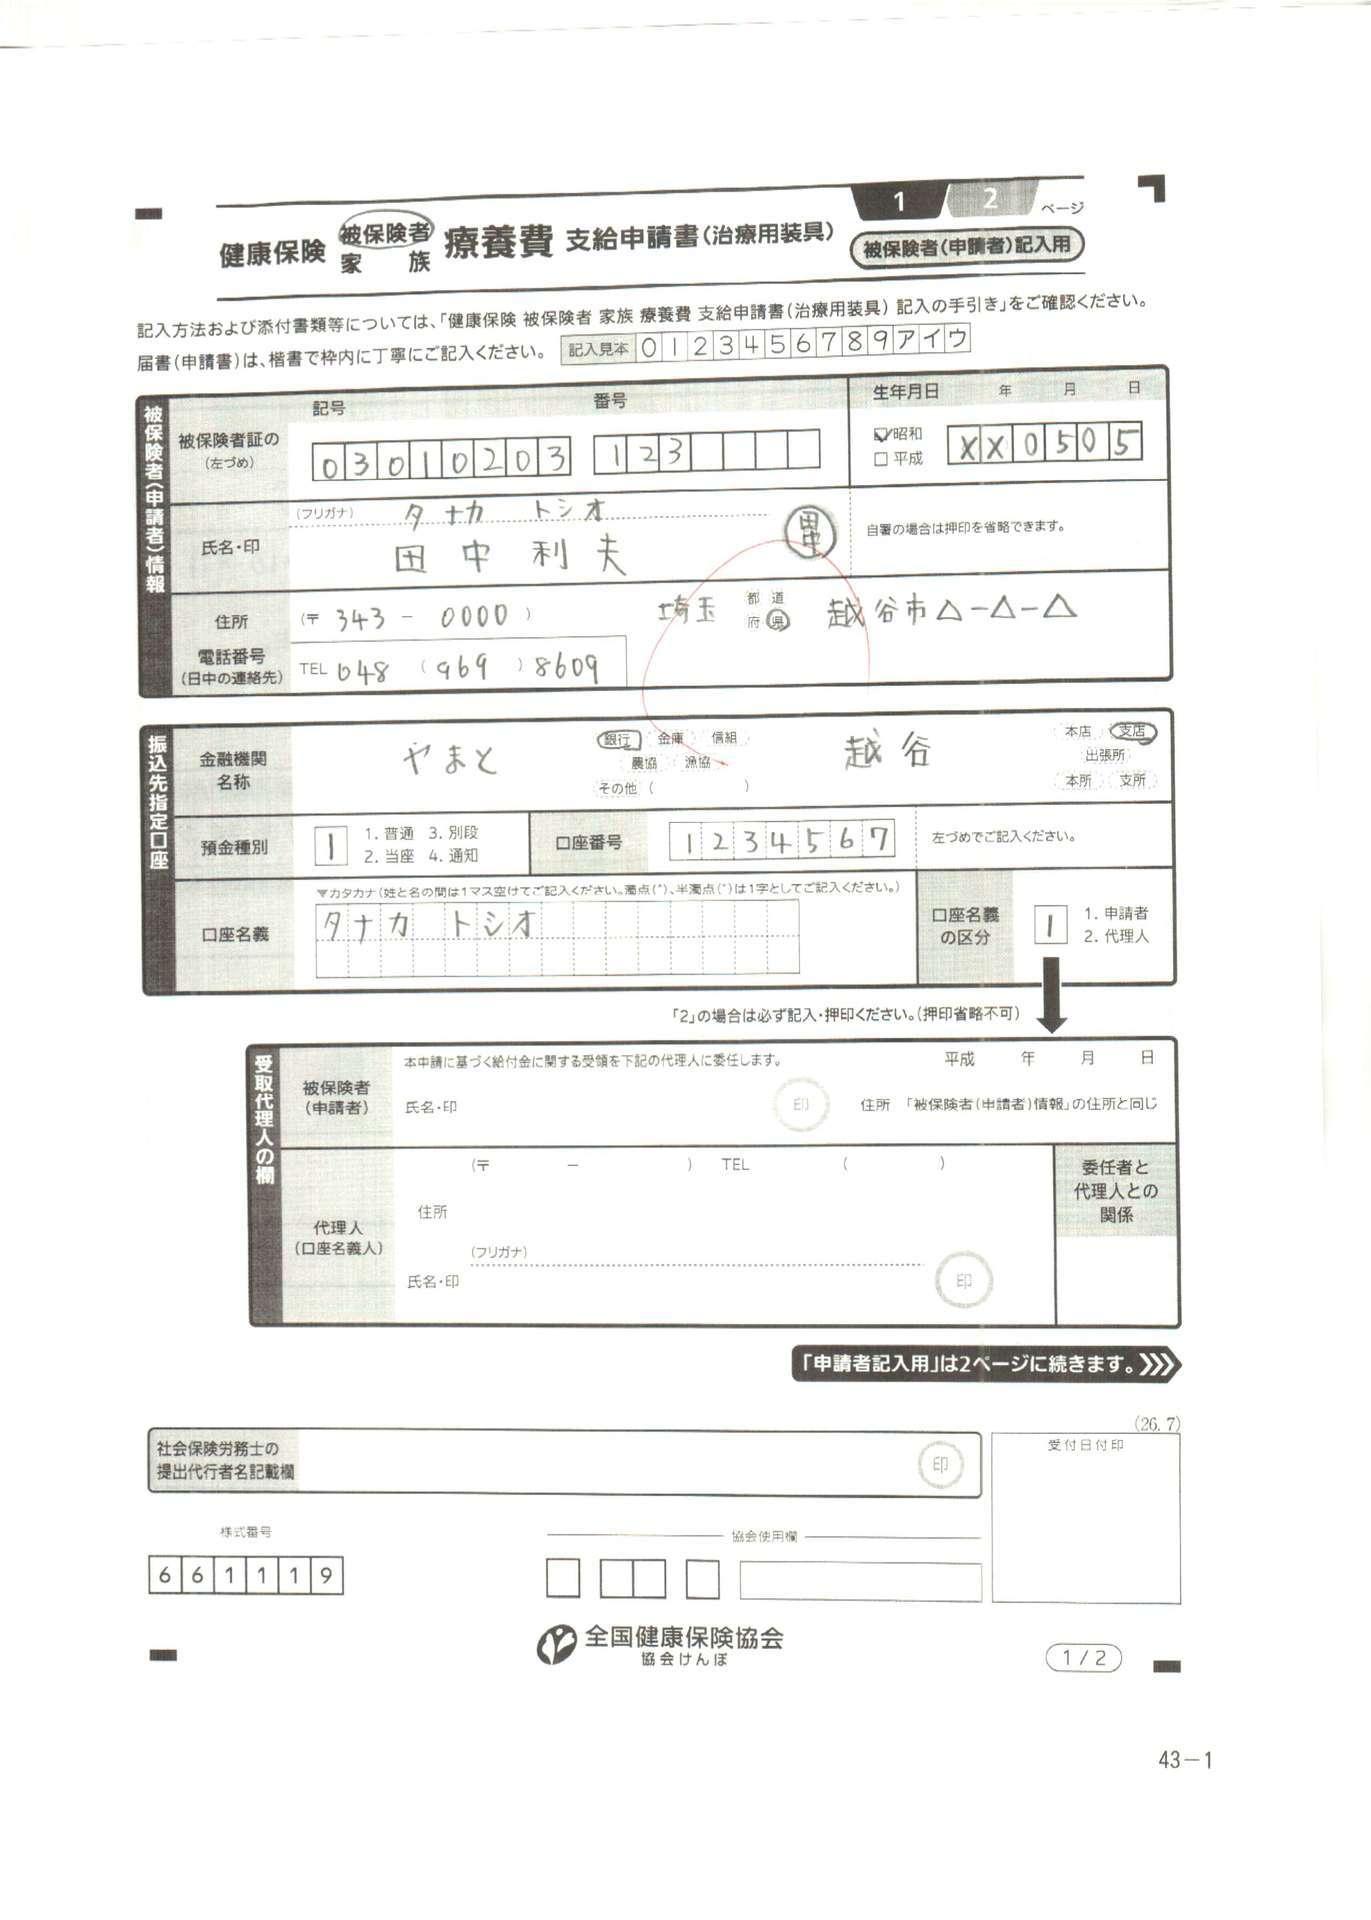 申請 協会 支給 療養 けんぽ 書 費